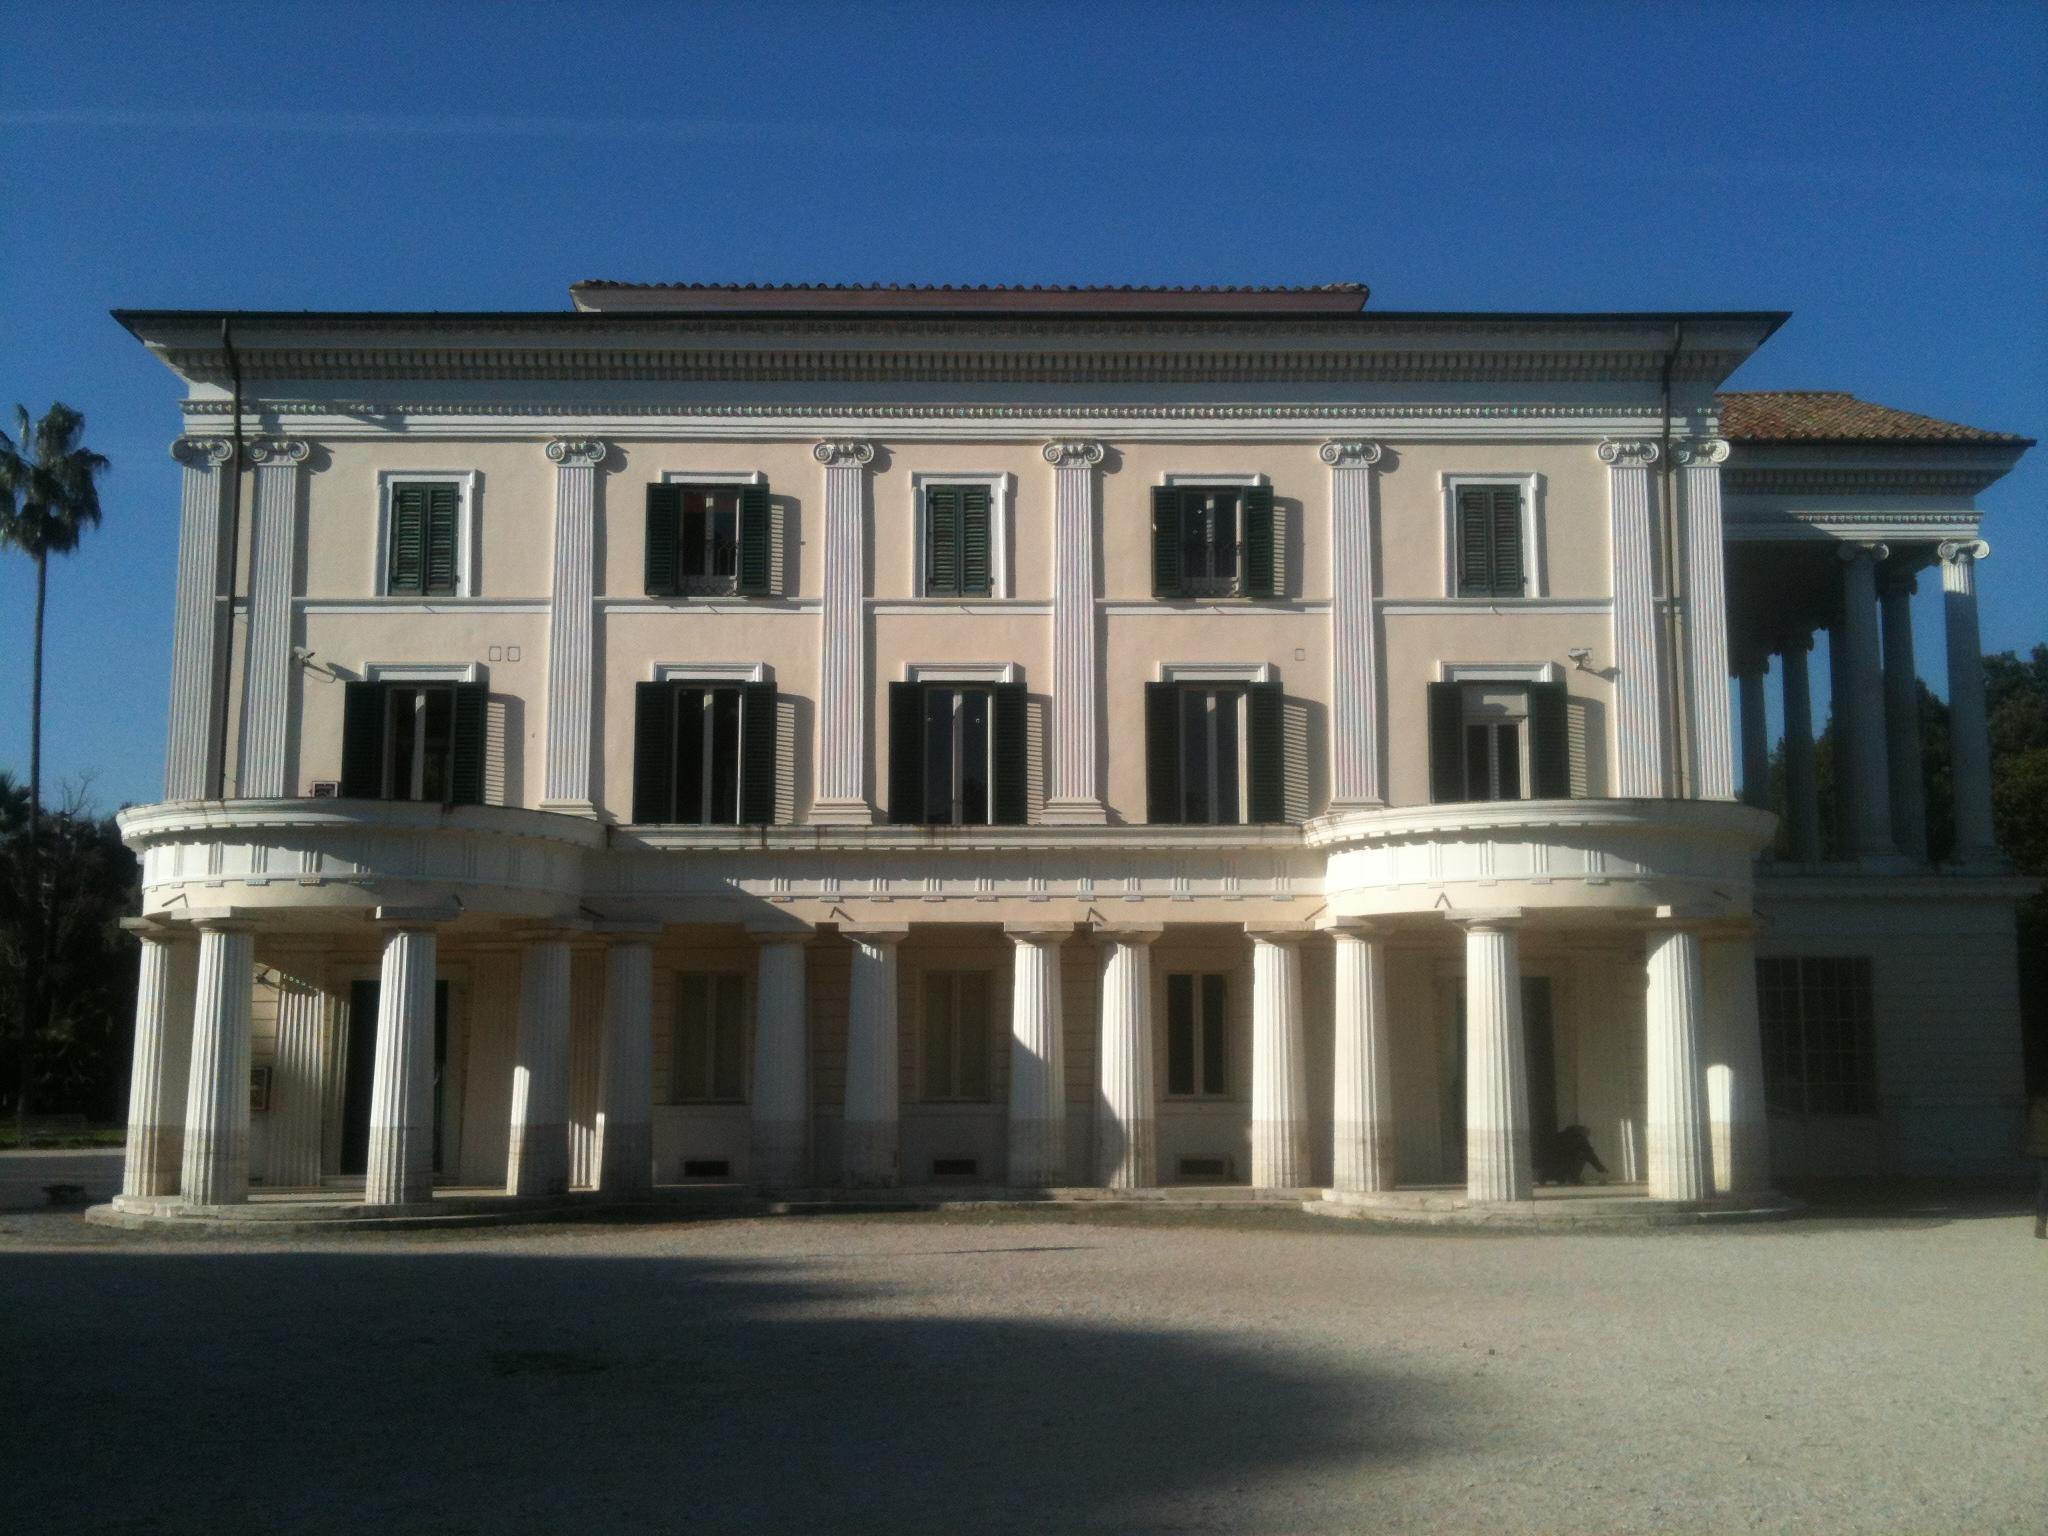 Villa Torlonia Esposizione Scuola Romana